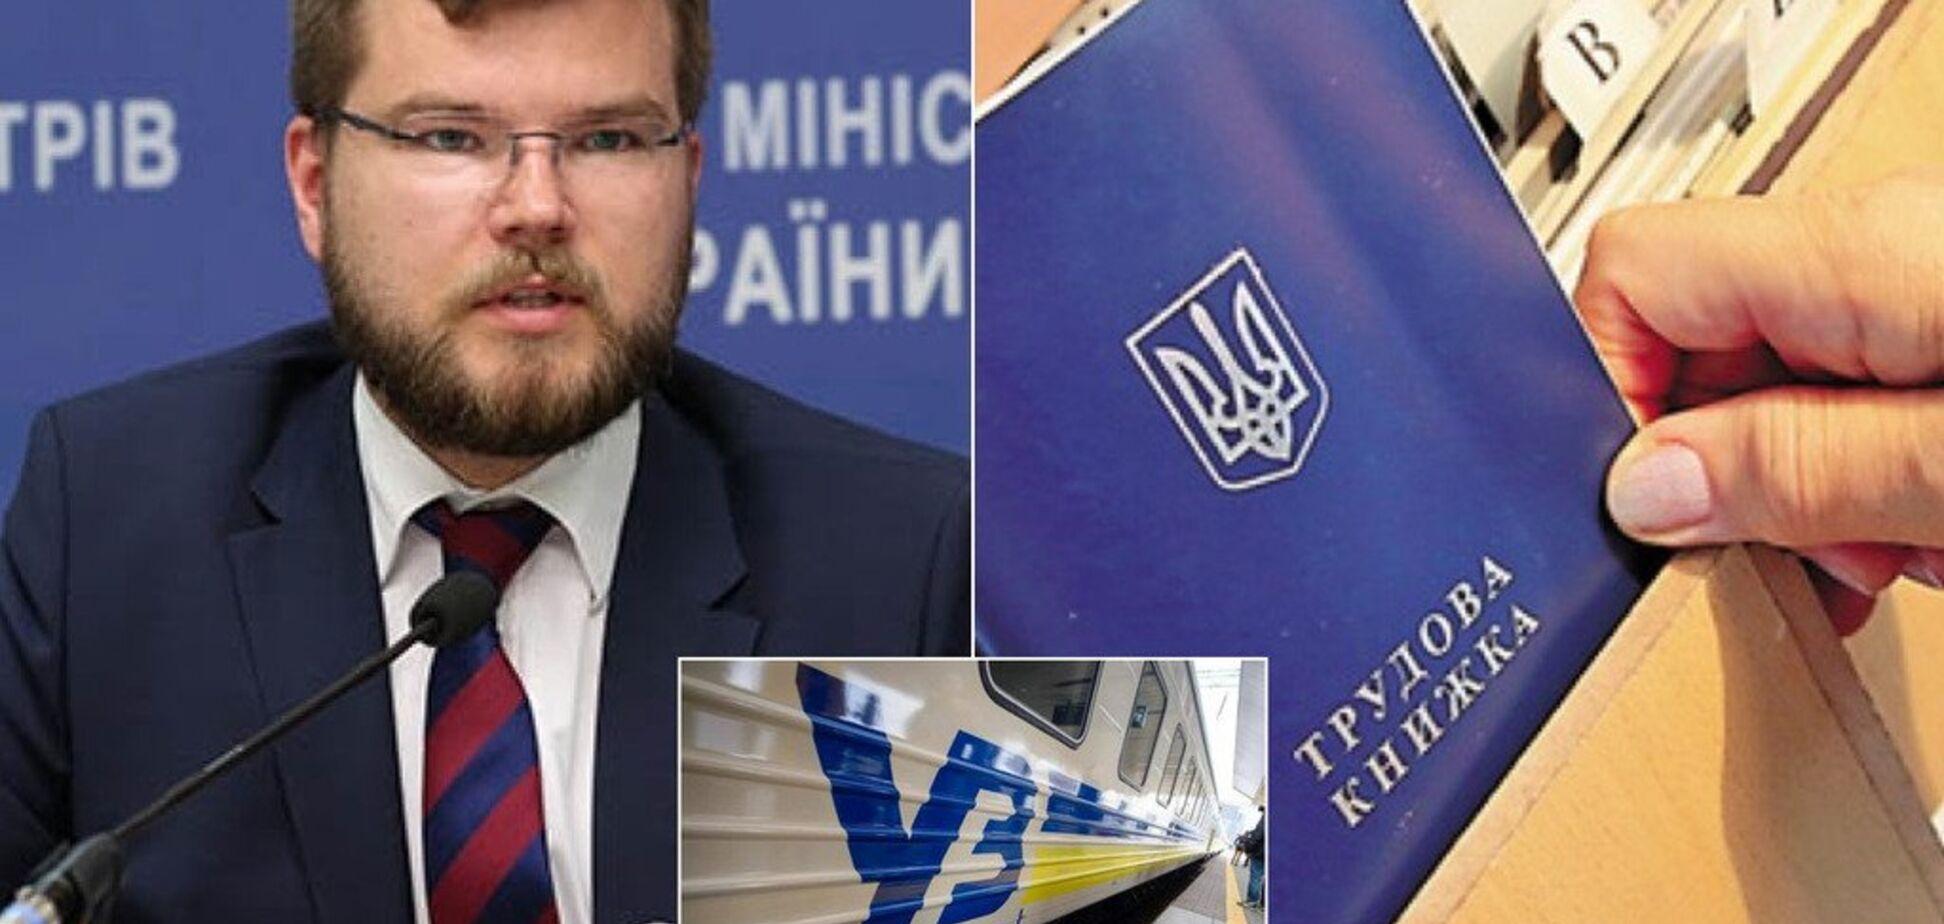 Кабмін звільнив очільника 'Укрзалізниці' Кравцова